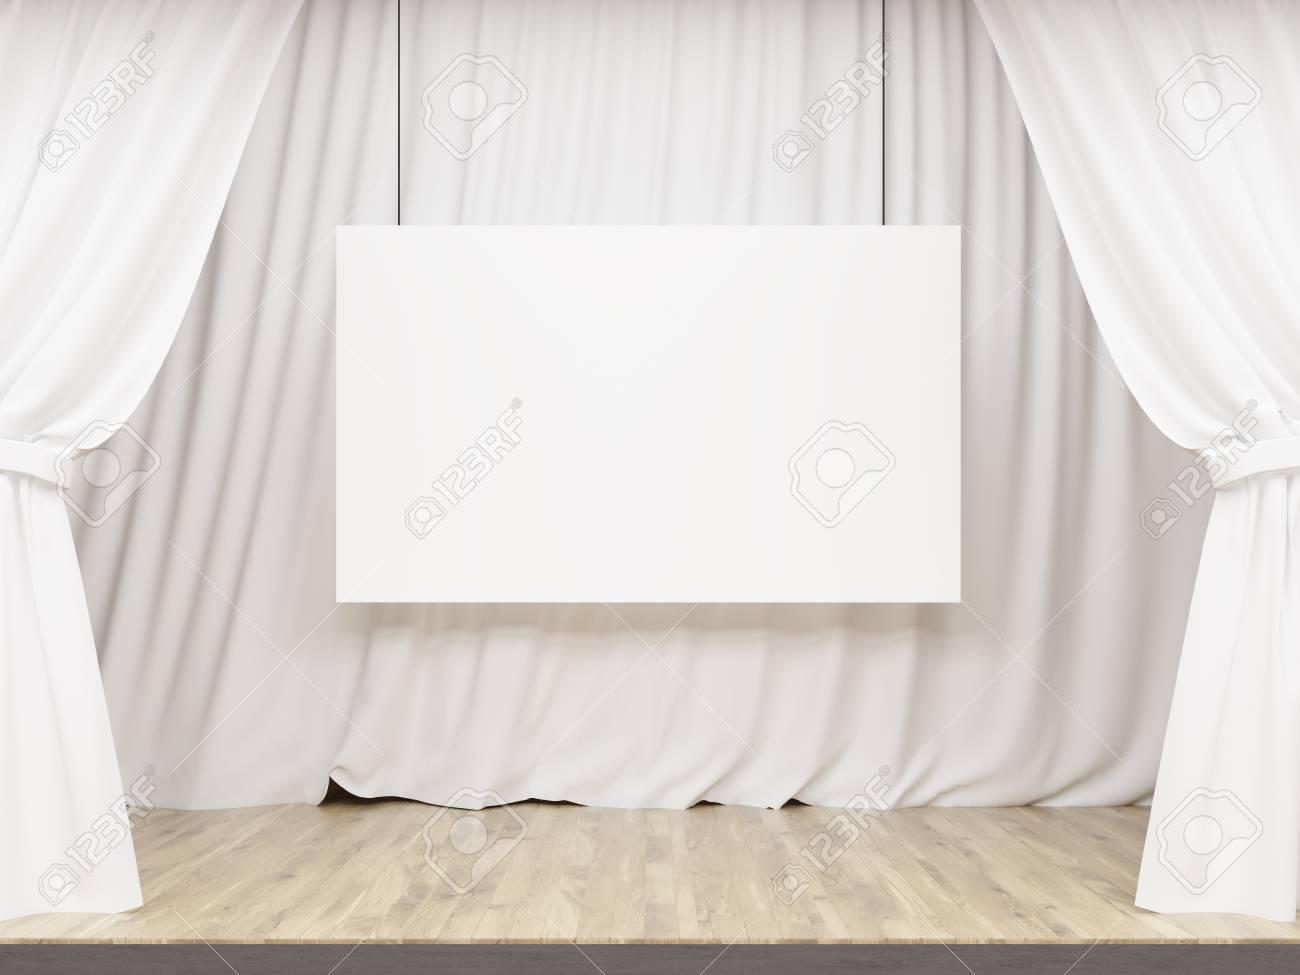 Scène Avec Des Rideaux Blancs Et Panneau Blanc Maquette Rendu 3d